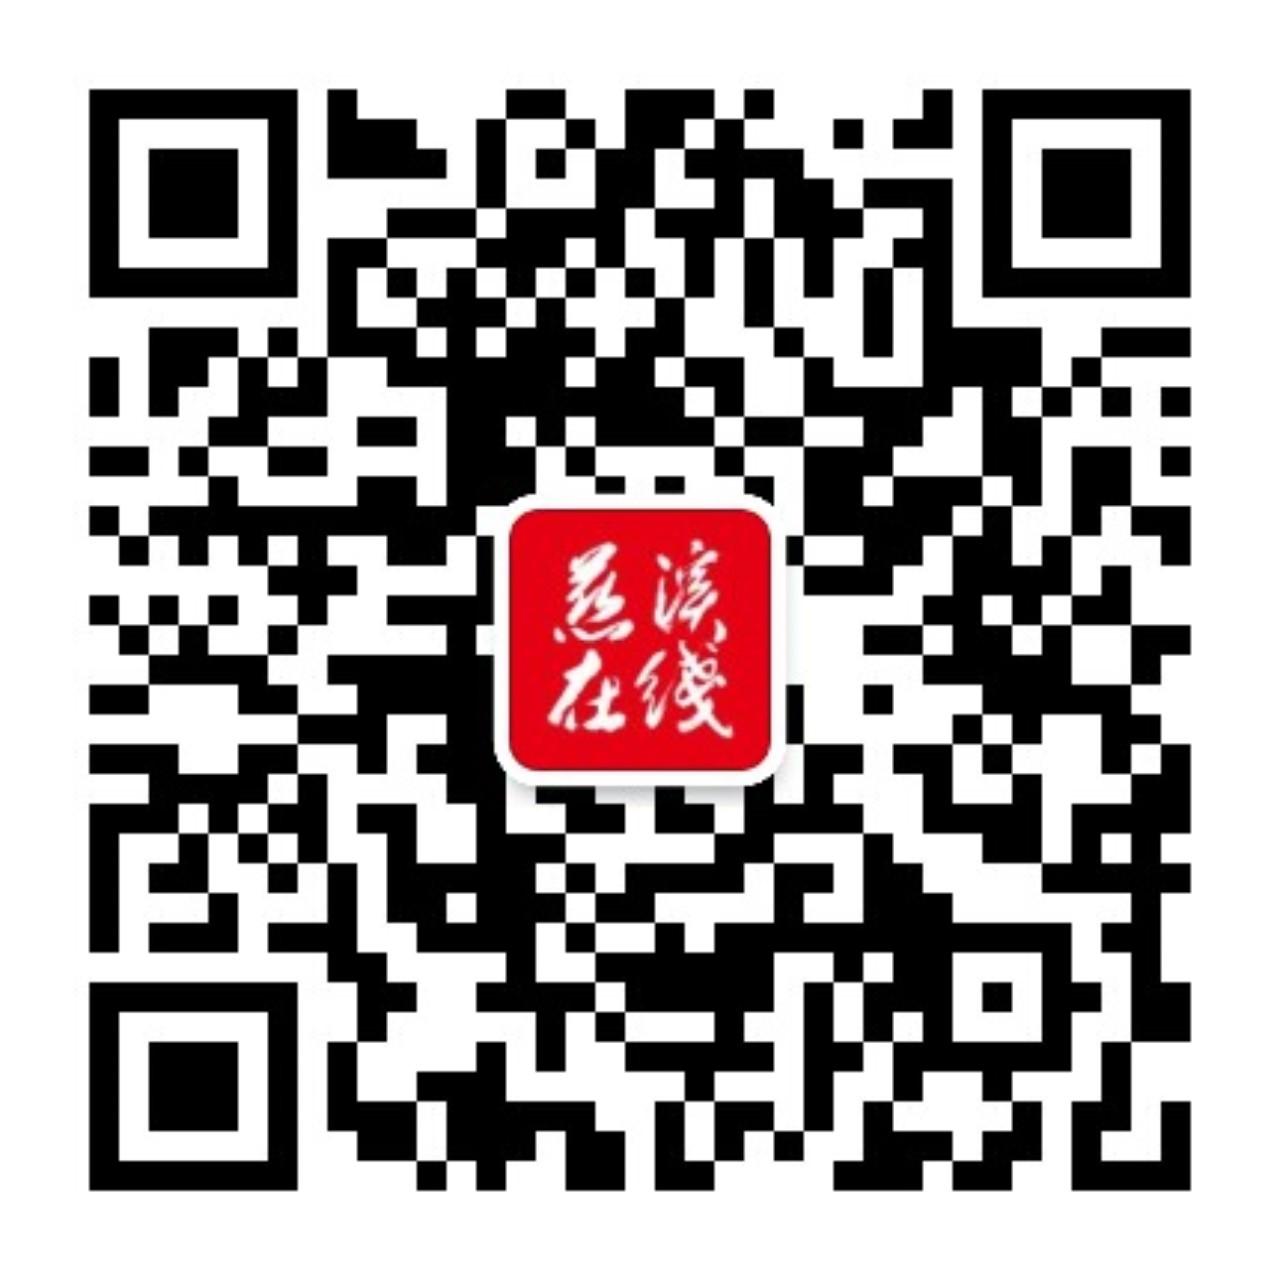 慈溪万博manbetx下载地址官方微信